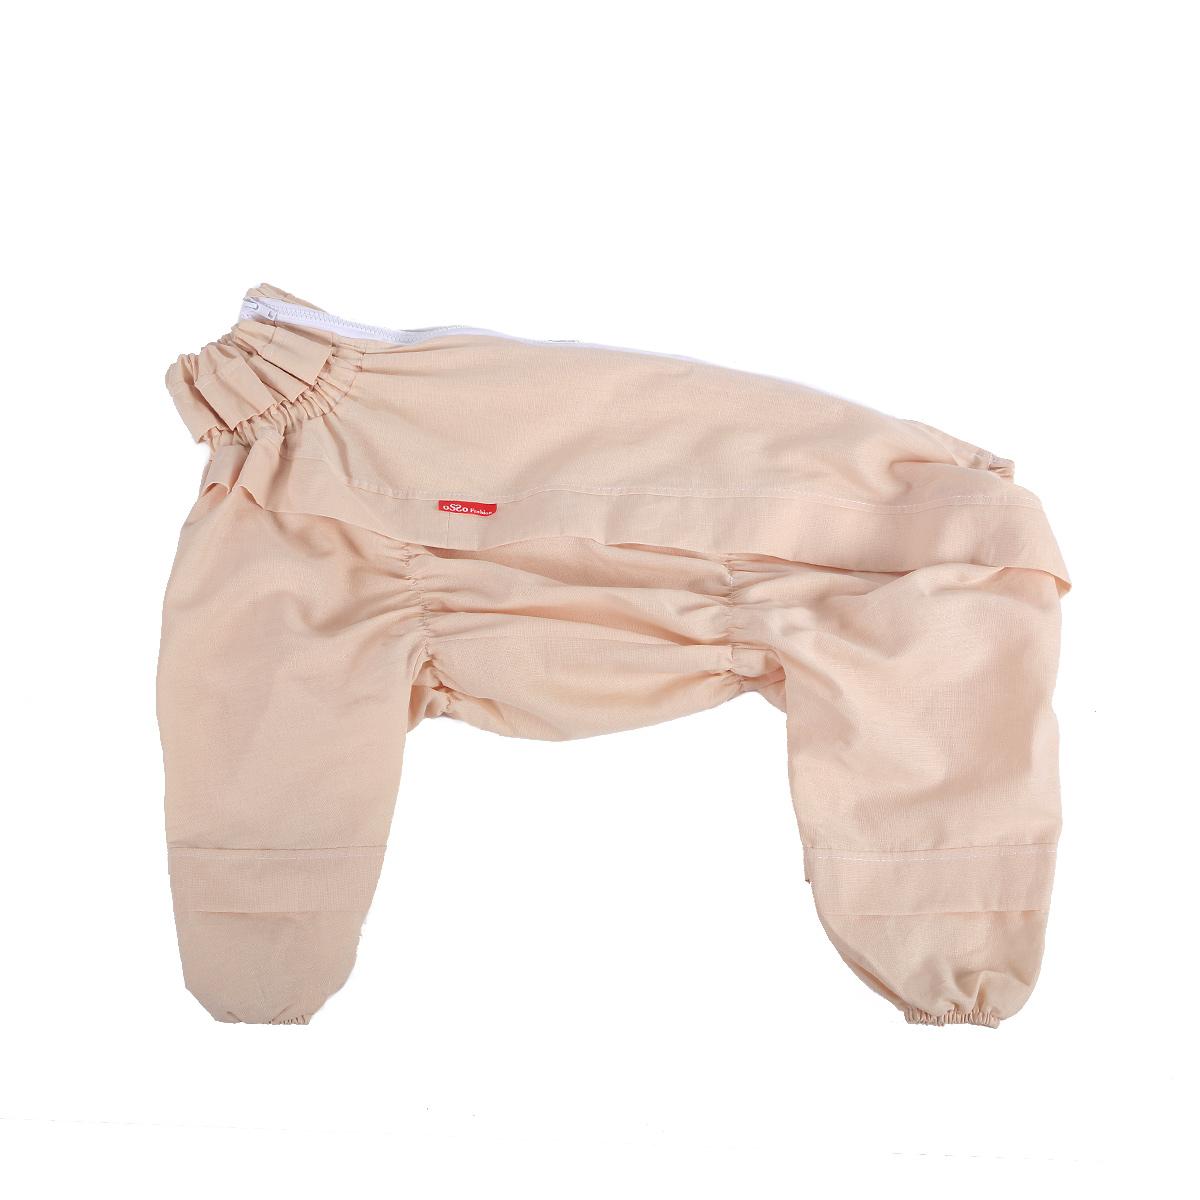 Комбинезон для собак OSSO Fashion, от клещей, для мальчика, цвет: бежевый. Размер 25Кк-1016Комбинезон для собак OSSO Fashion изготовлен из 100% хлопка, имеет светлую расцветку, на которой сразу будут заметны кровососущие насекомые. Комбинезон предназначен для защиты собак во время прогулок по парку и лесу. Разработан с учетом особенностей поведения клещей. На комбинезоне имеются складки-ловушки на груди, на штанинах, на боках комбинезона и на шее, которые преграждают движение насекомого вверх. Комбинезон очень легкий и удобный. Низ штанин на резинке, на спине застегивается на молнию. Длина спинки: 25 см. Объем груди: 30-42 см.